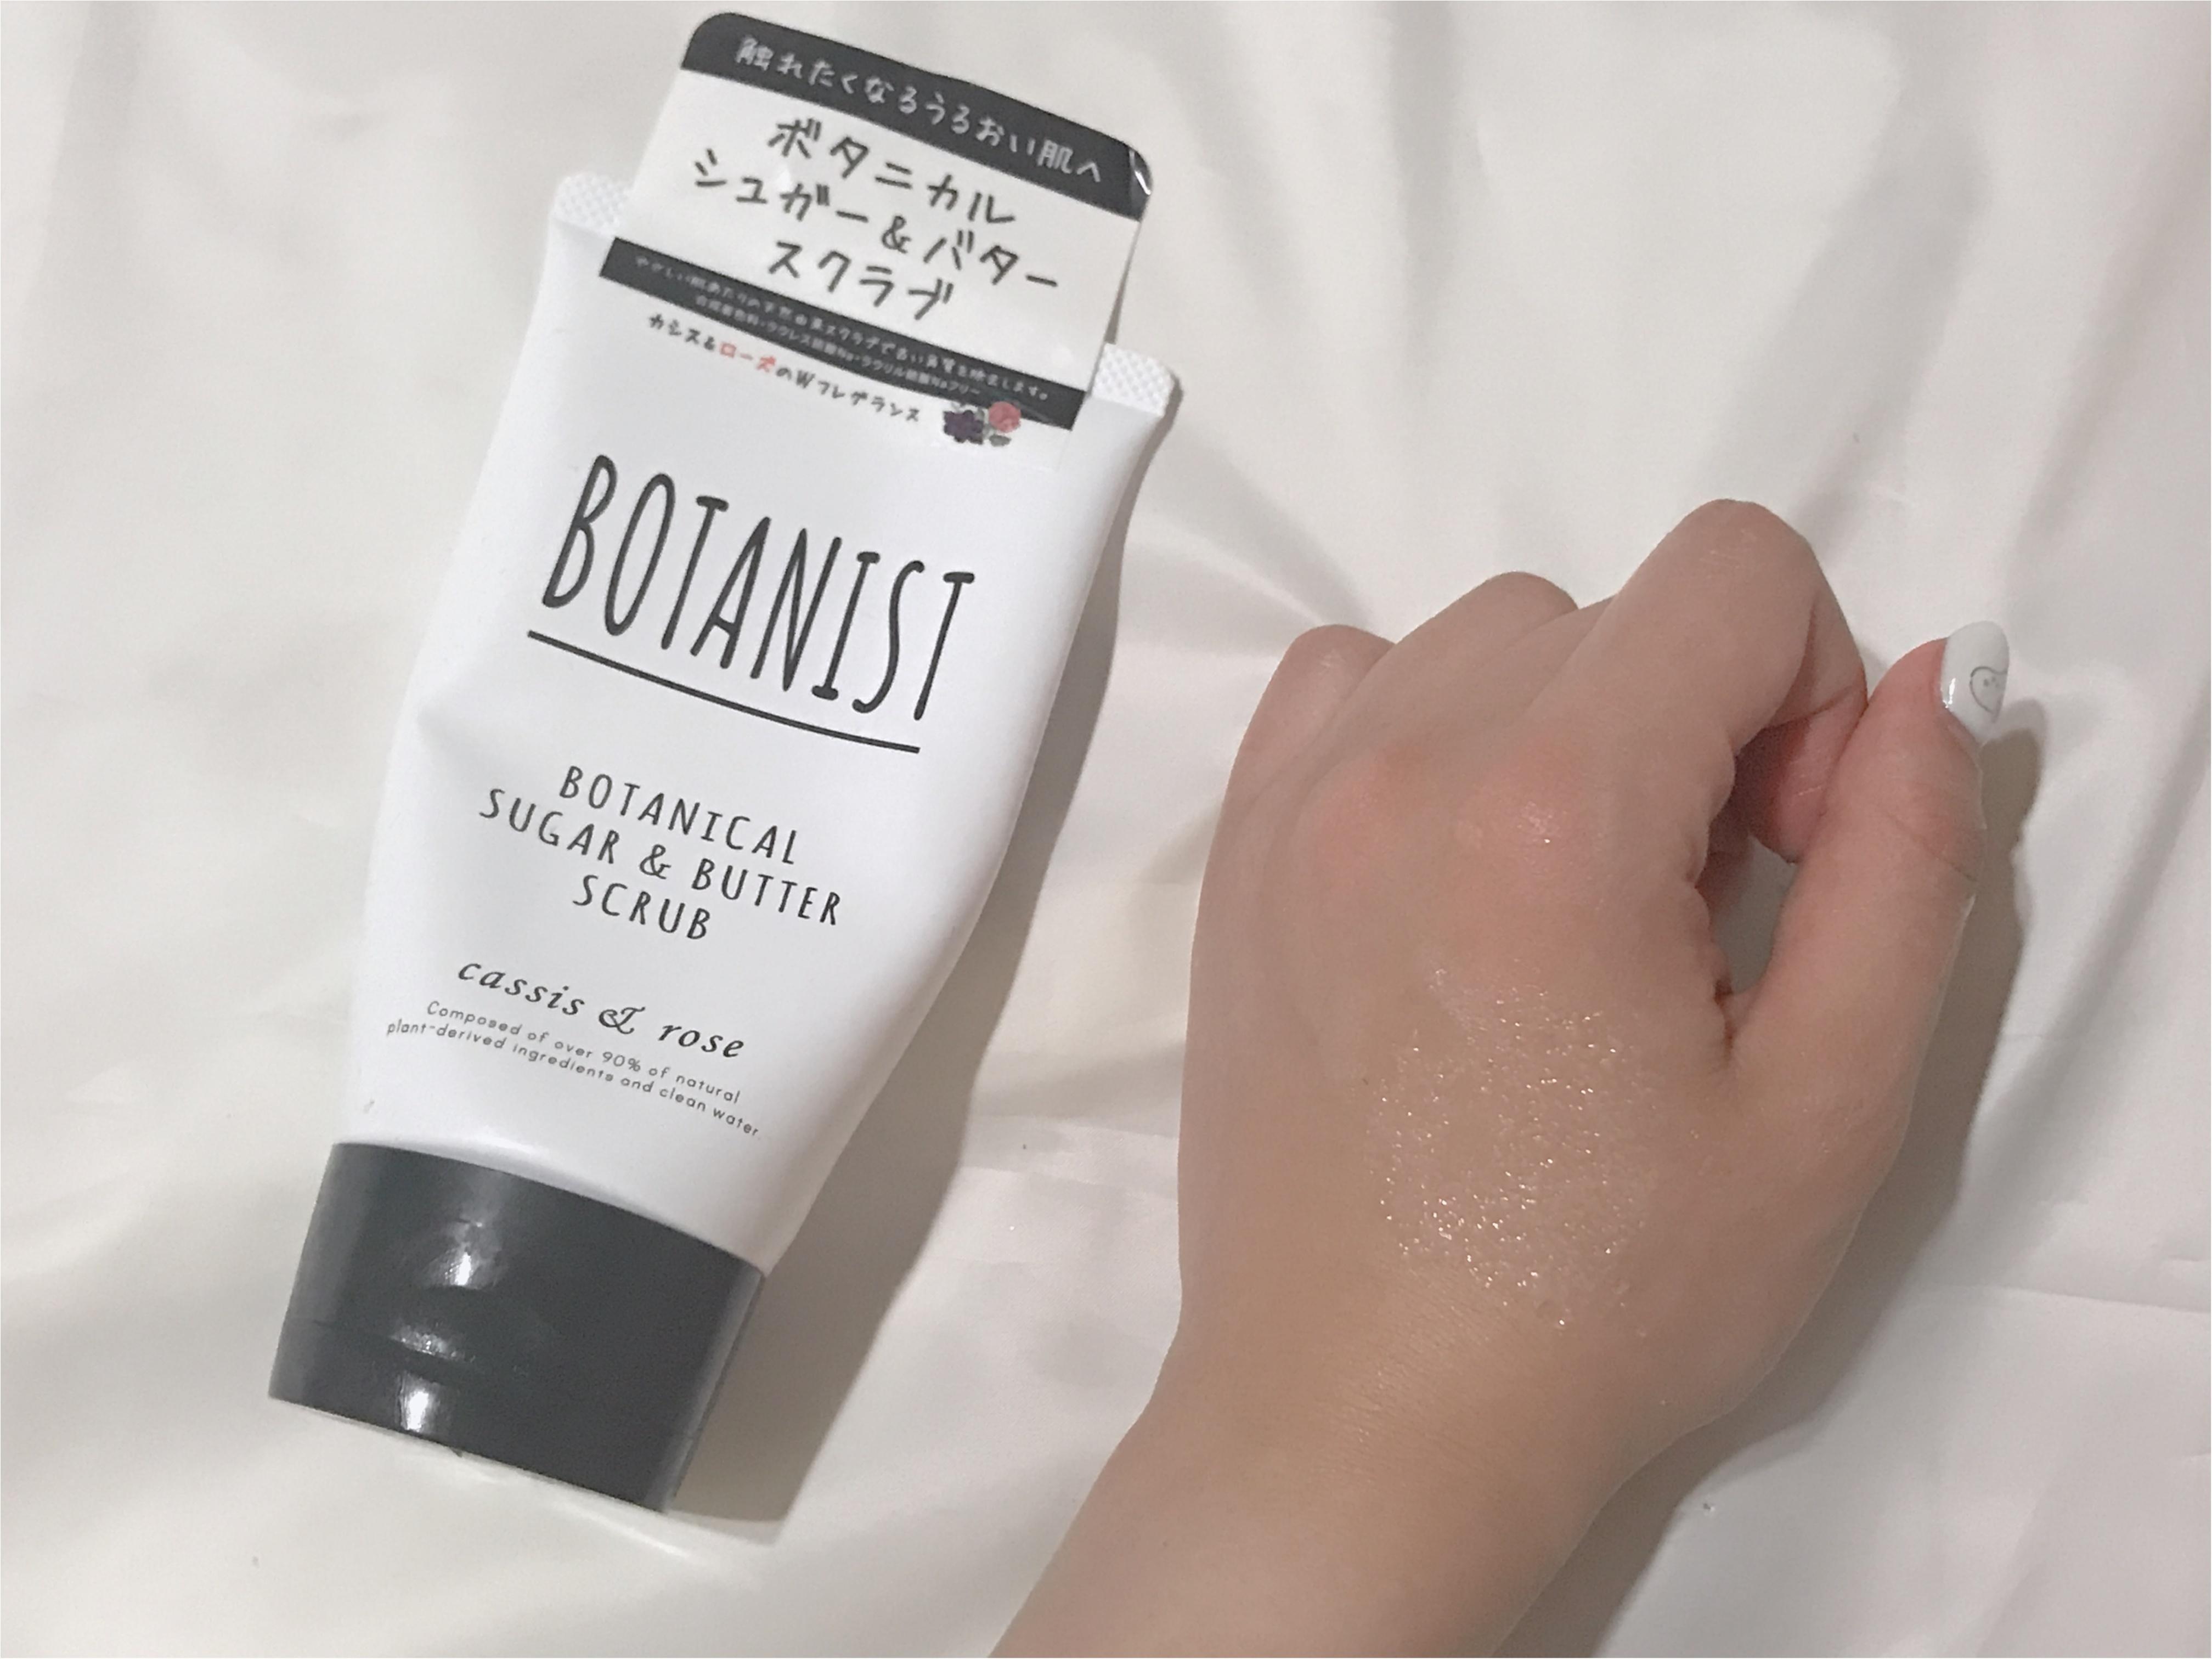 美白化粧品特集 - シミやくすみ対策・肌の透明感アップが期待できるコスメは? 記事Photo Gallery_1_34